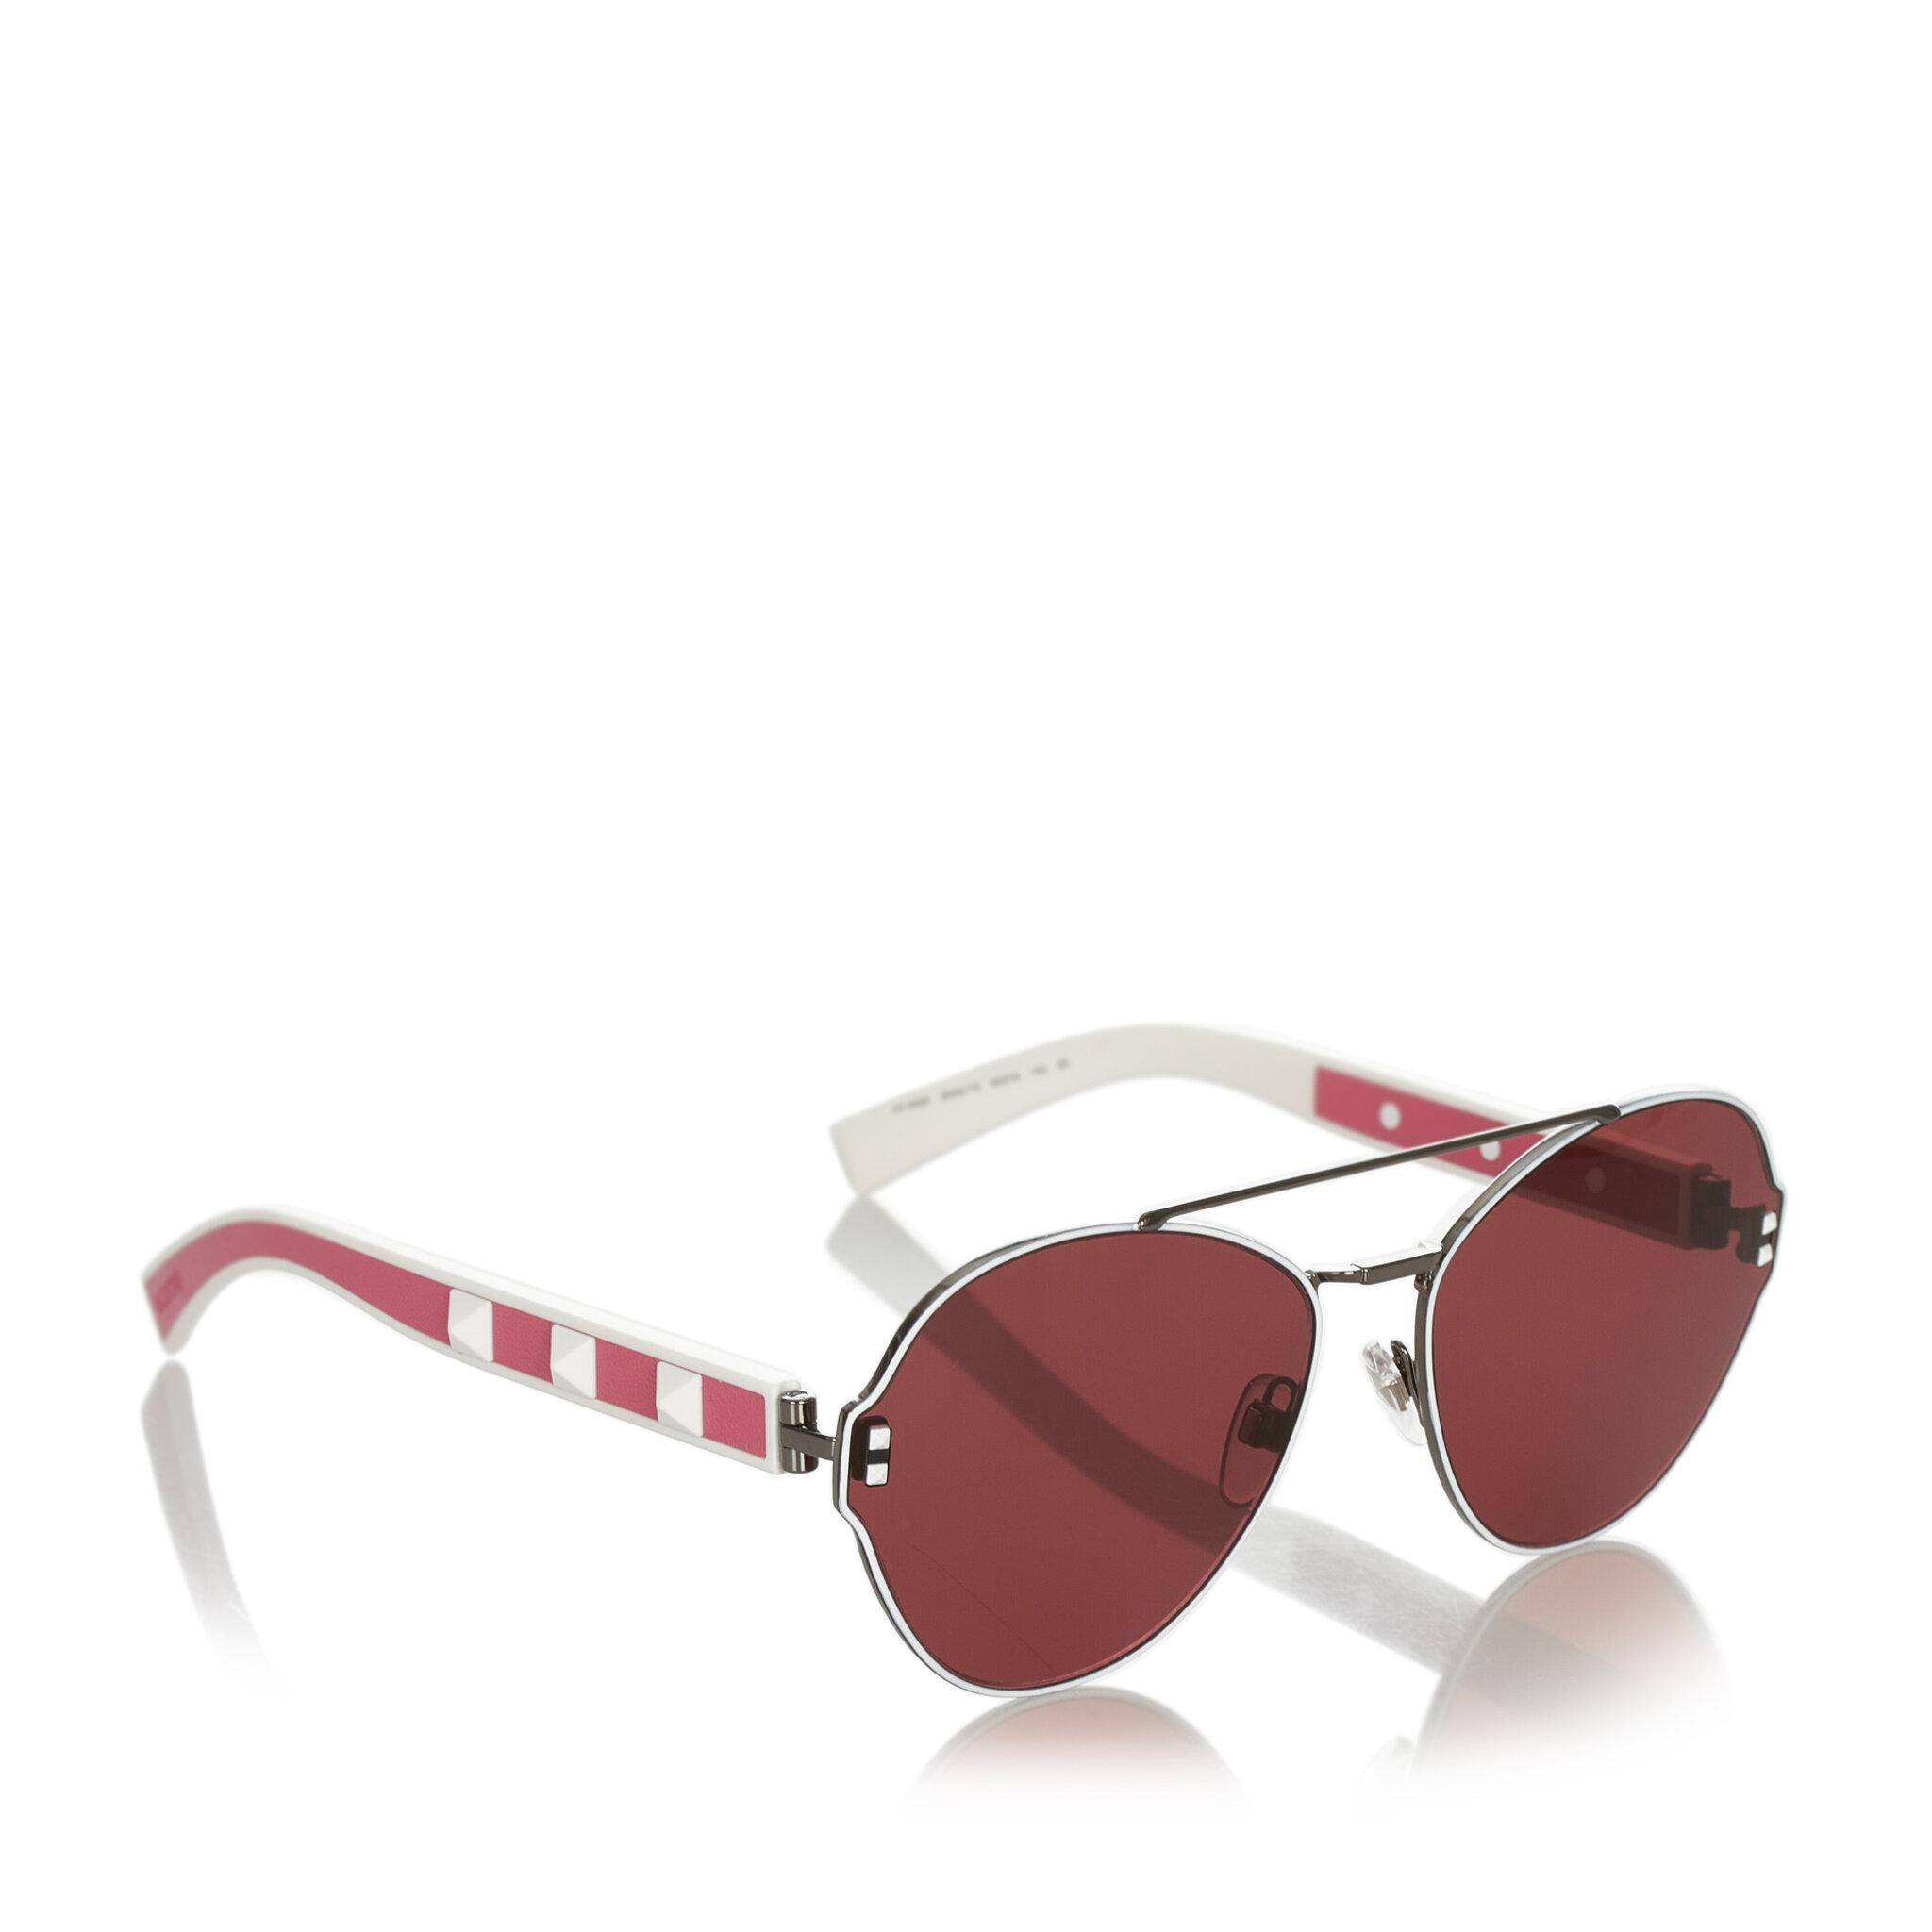 Valentino Crystal Embelished Aviator Sunglasses, ONESIZE